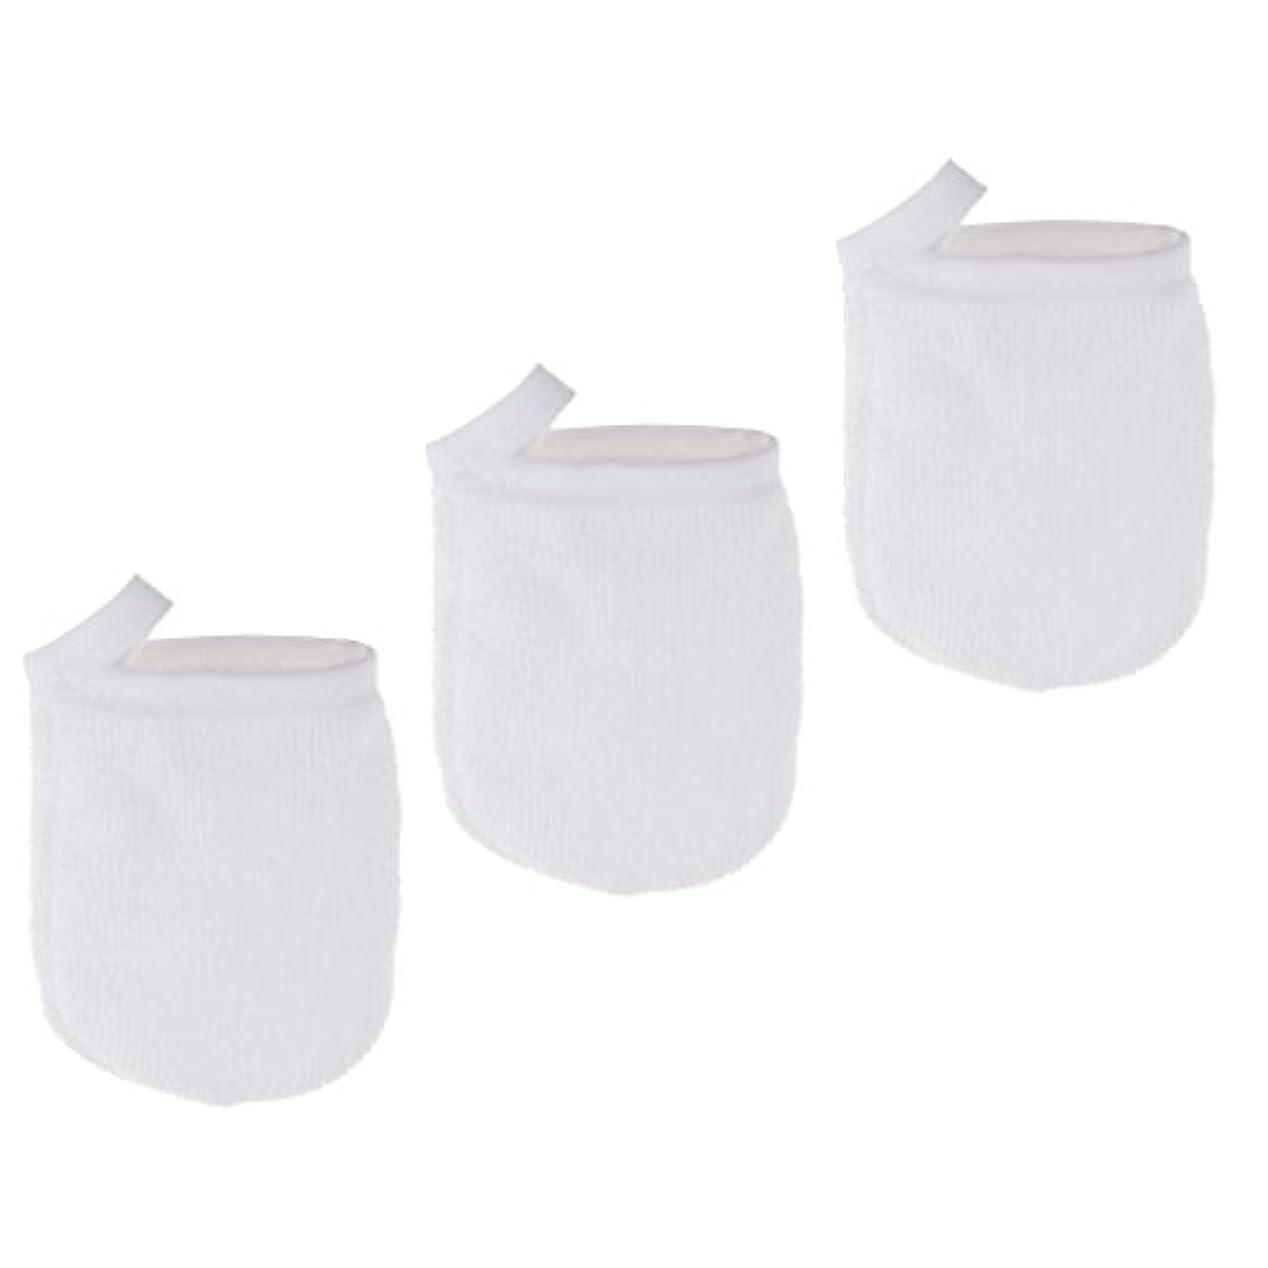 増幅本部本質的ではない手袋 グローブ 洗顔グローブ フェイシャル クレンジンググローブ 洗顔タオル スキンケア 3個